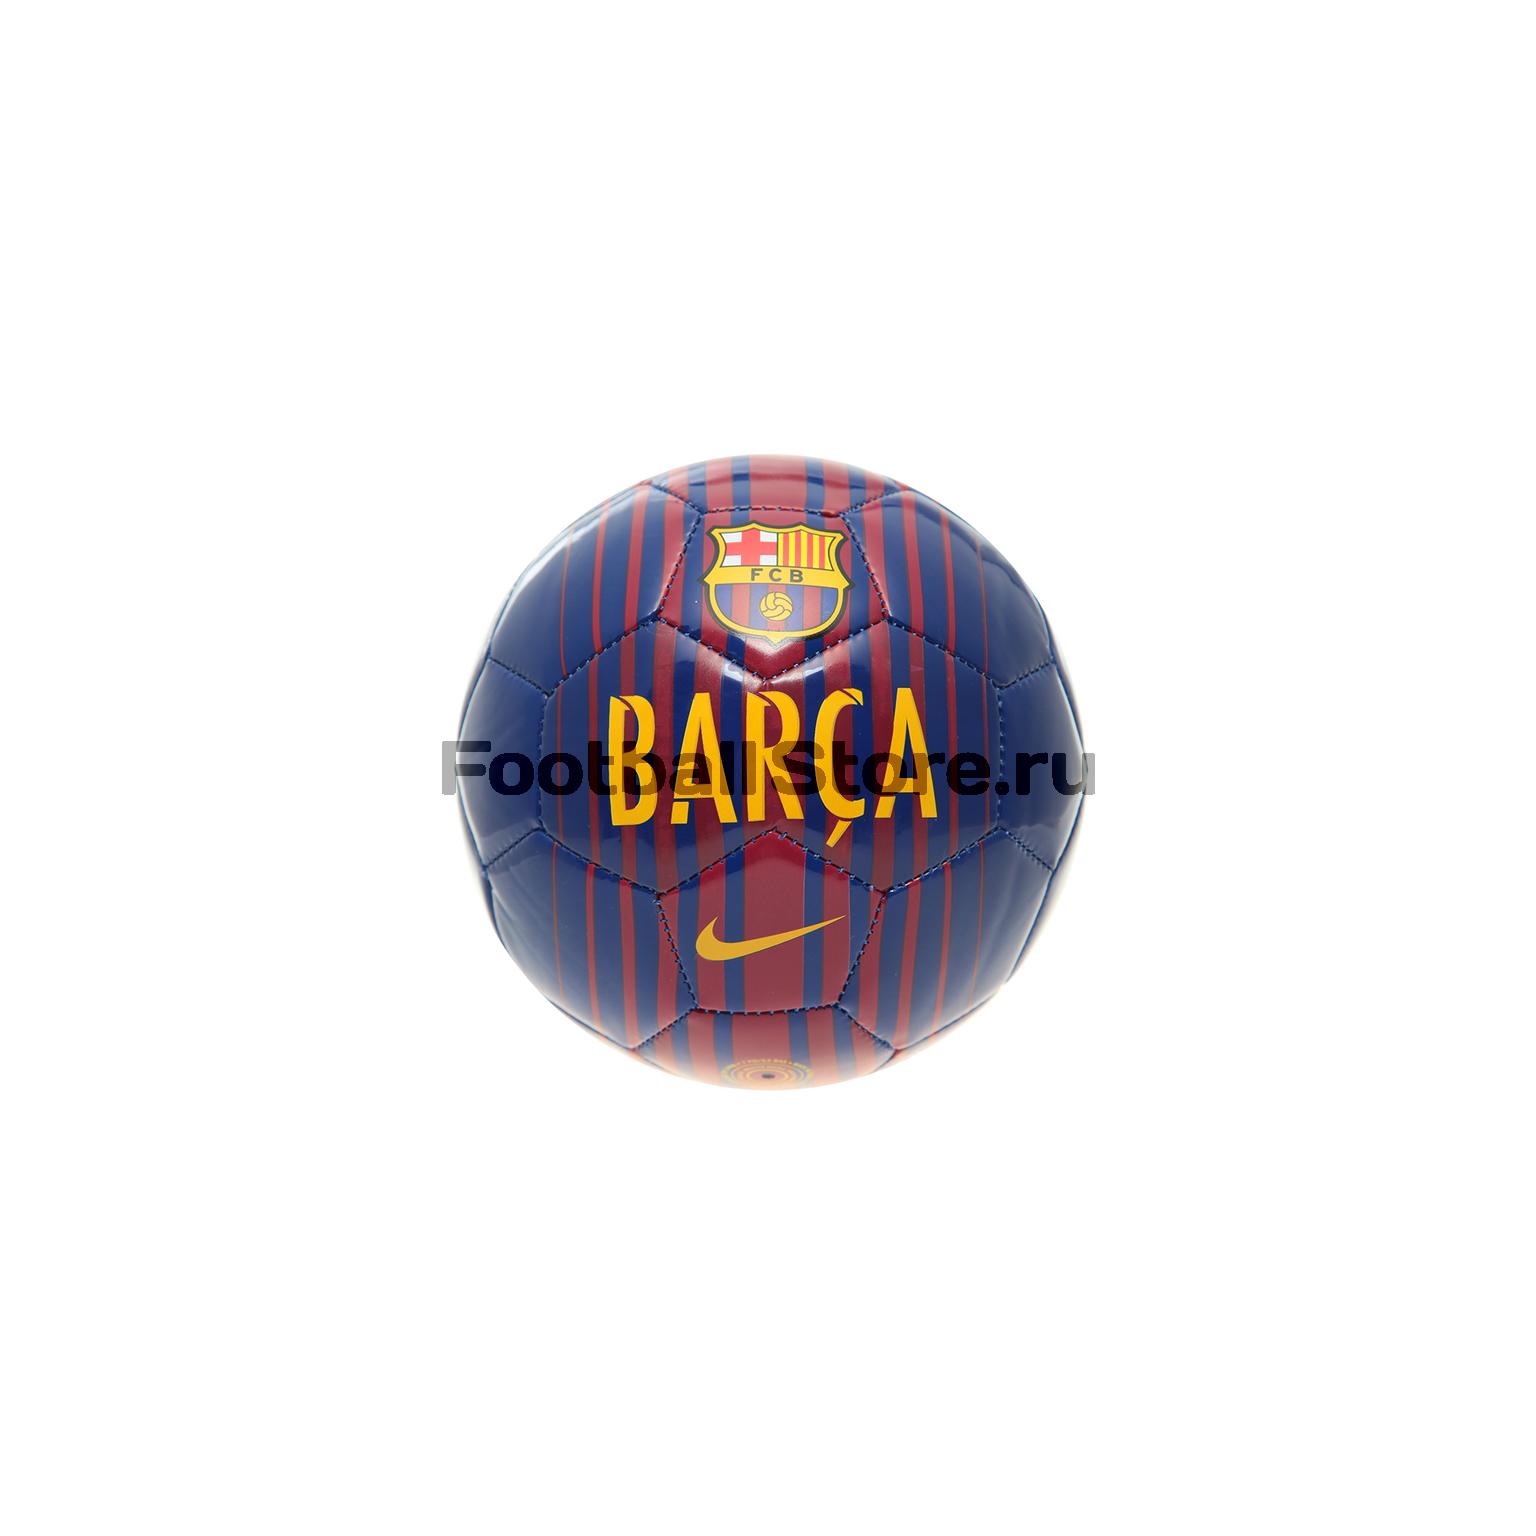 цены Футбольный сувенирный мяч Nike Barcelona SC3120-422